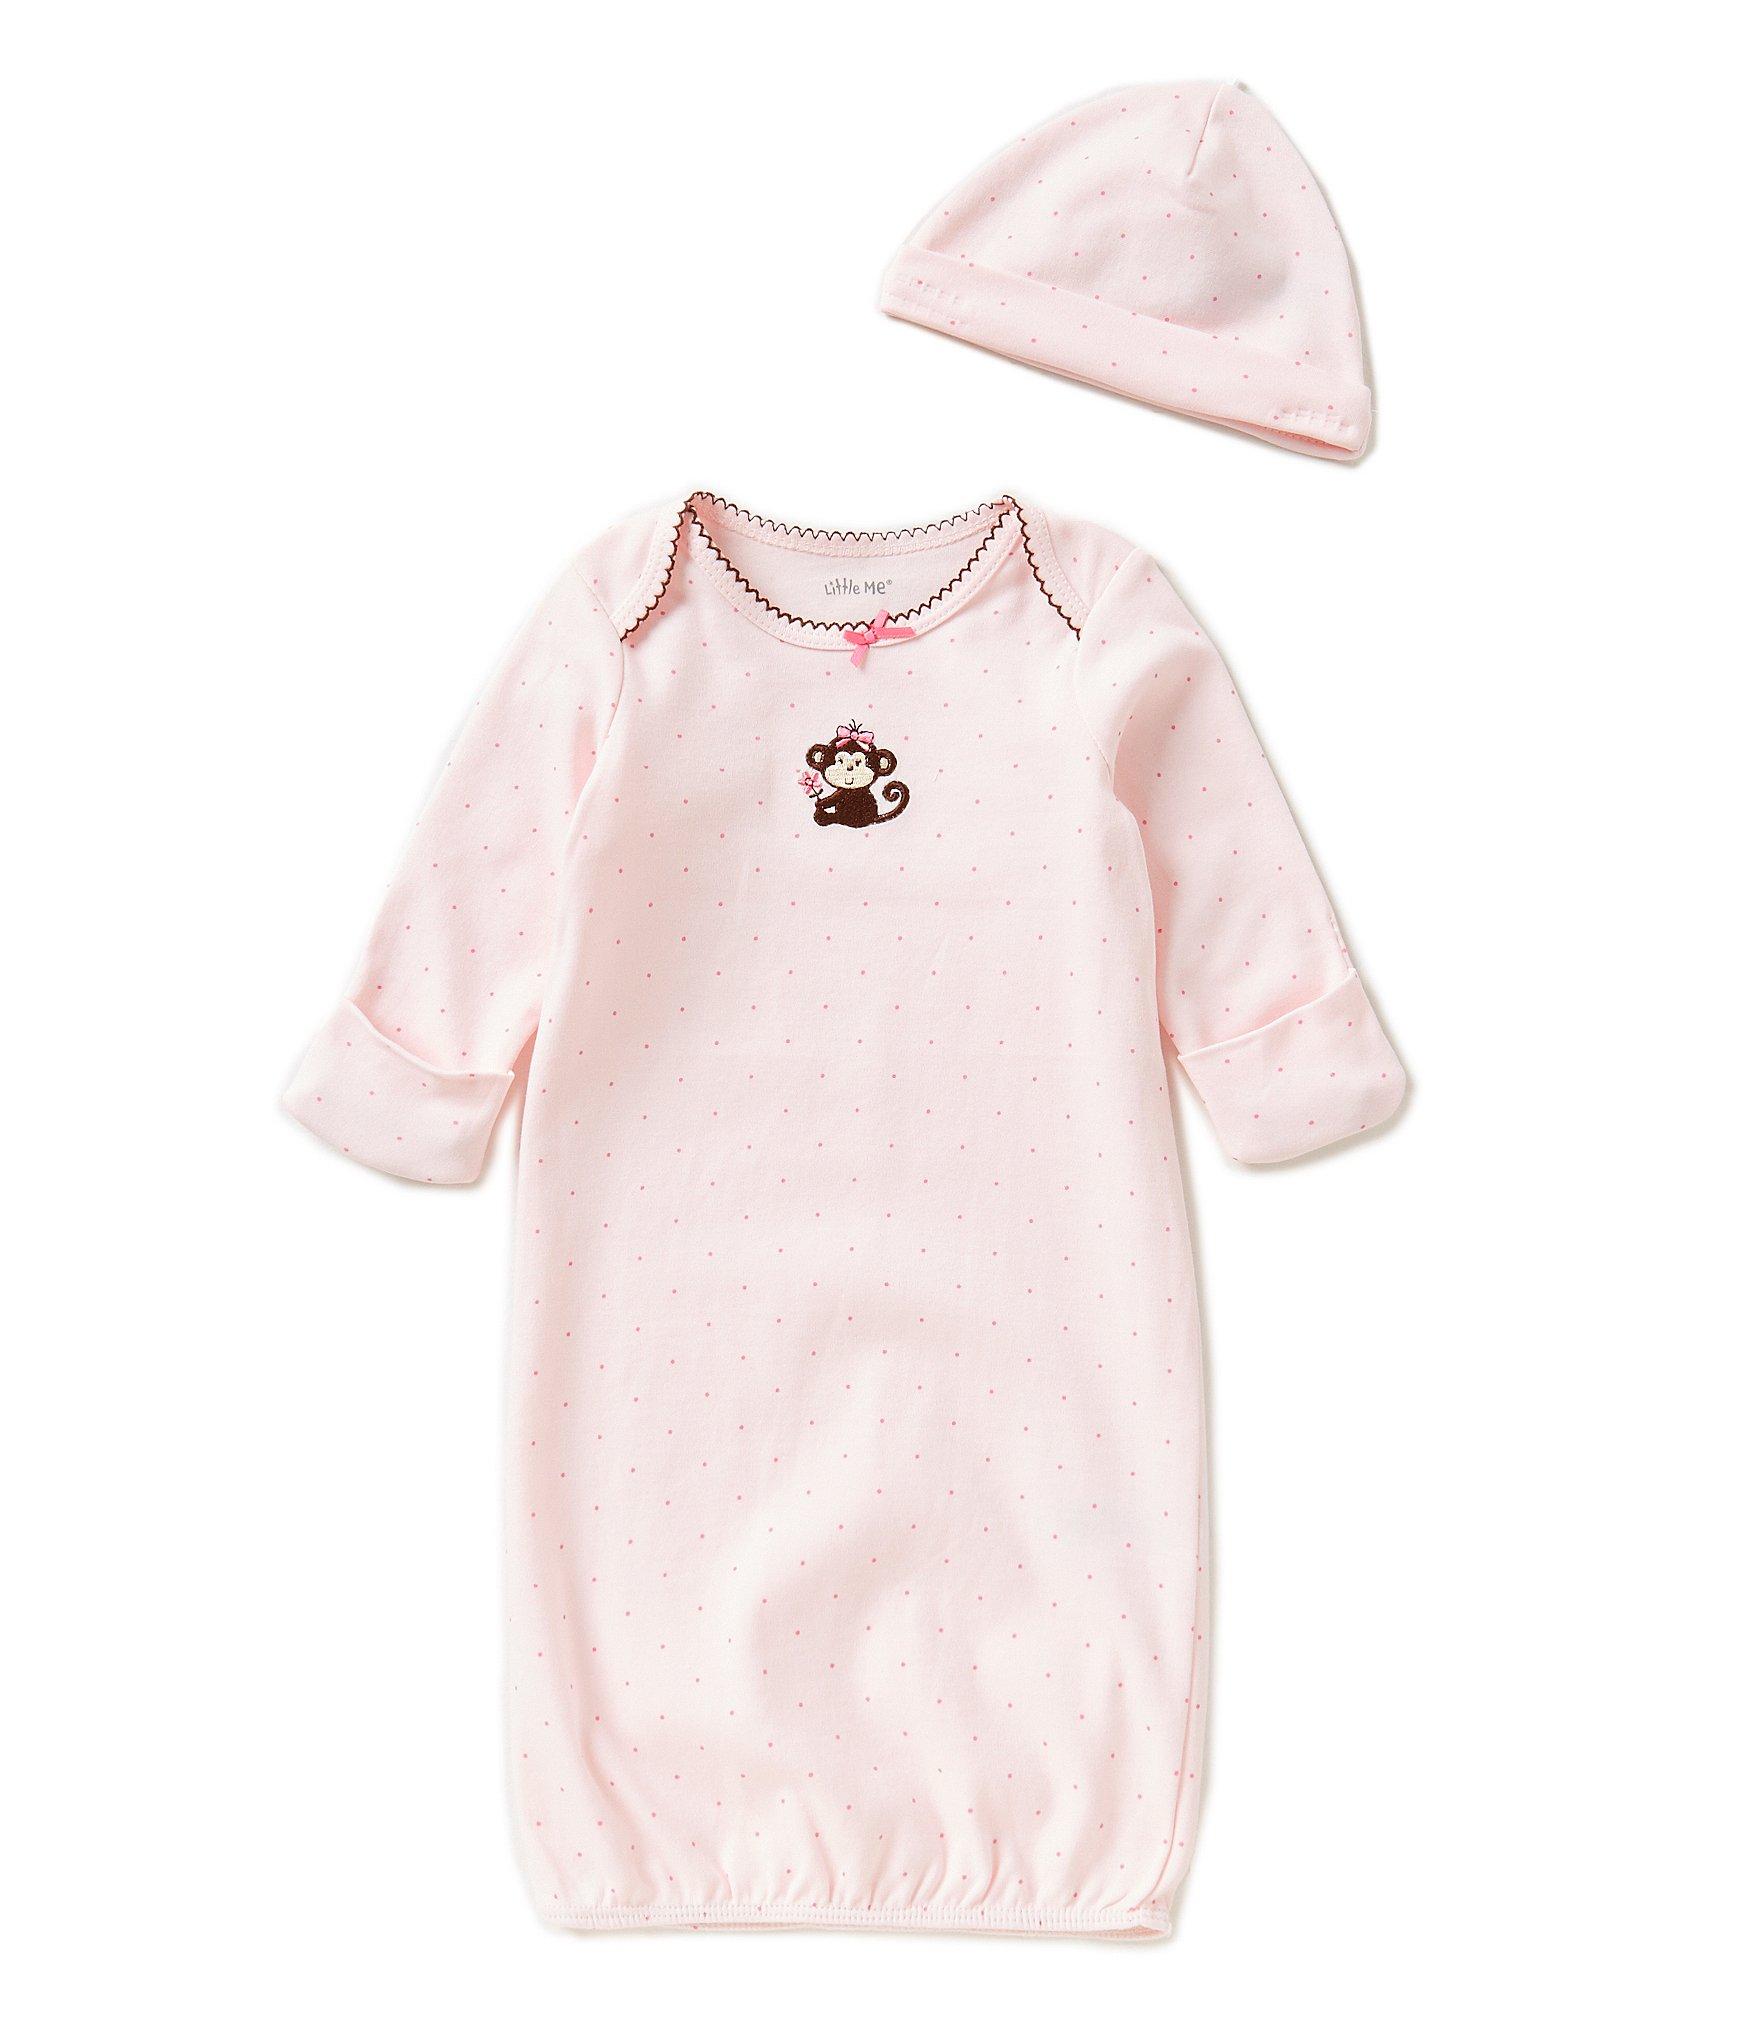 2215248c2 Little Me Baby Girl Pajamas   Sleepwear